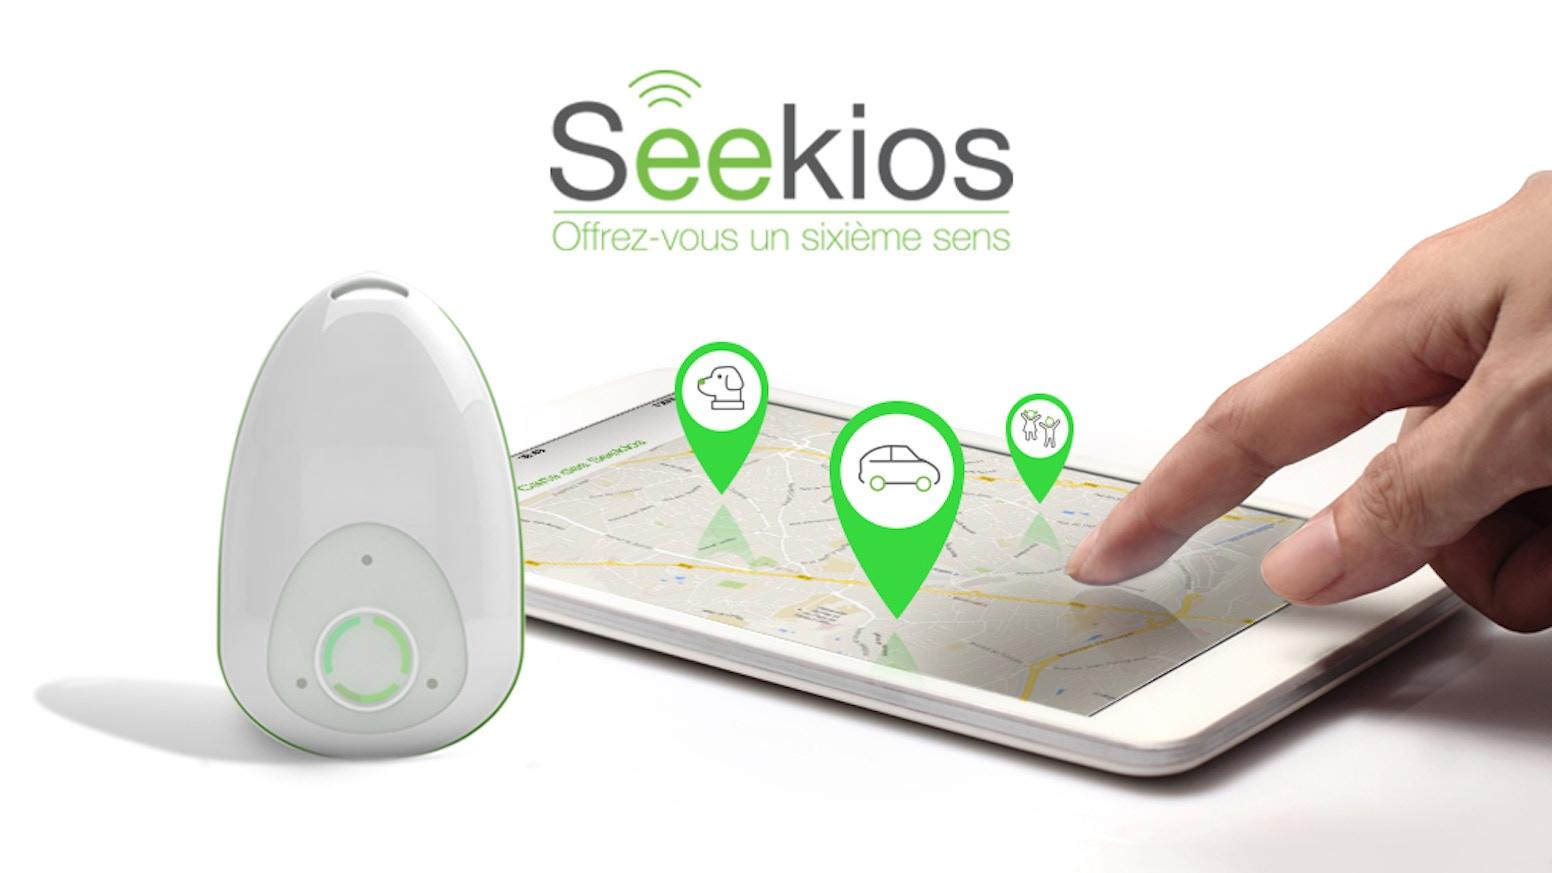 Une solution intelligente de géolocalisation, multi-usages et d'utilisation économique (voir site). Seekios, offrez-vous un sixième sens!